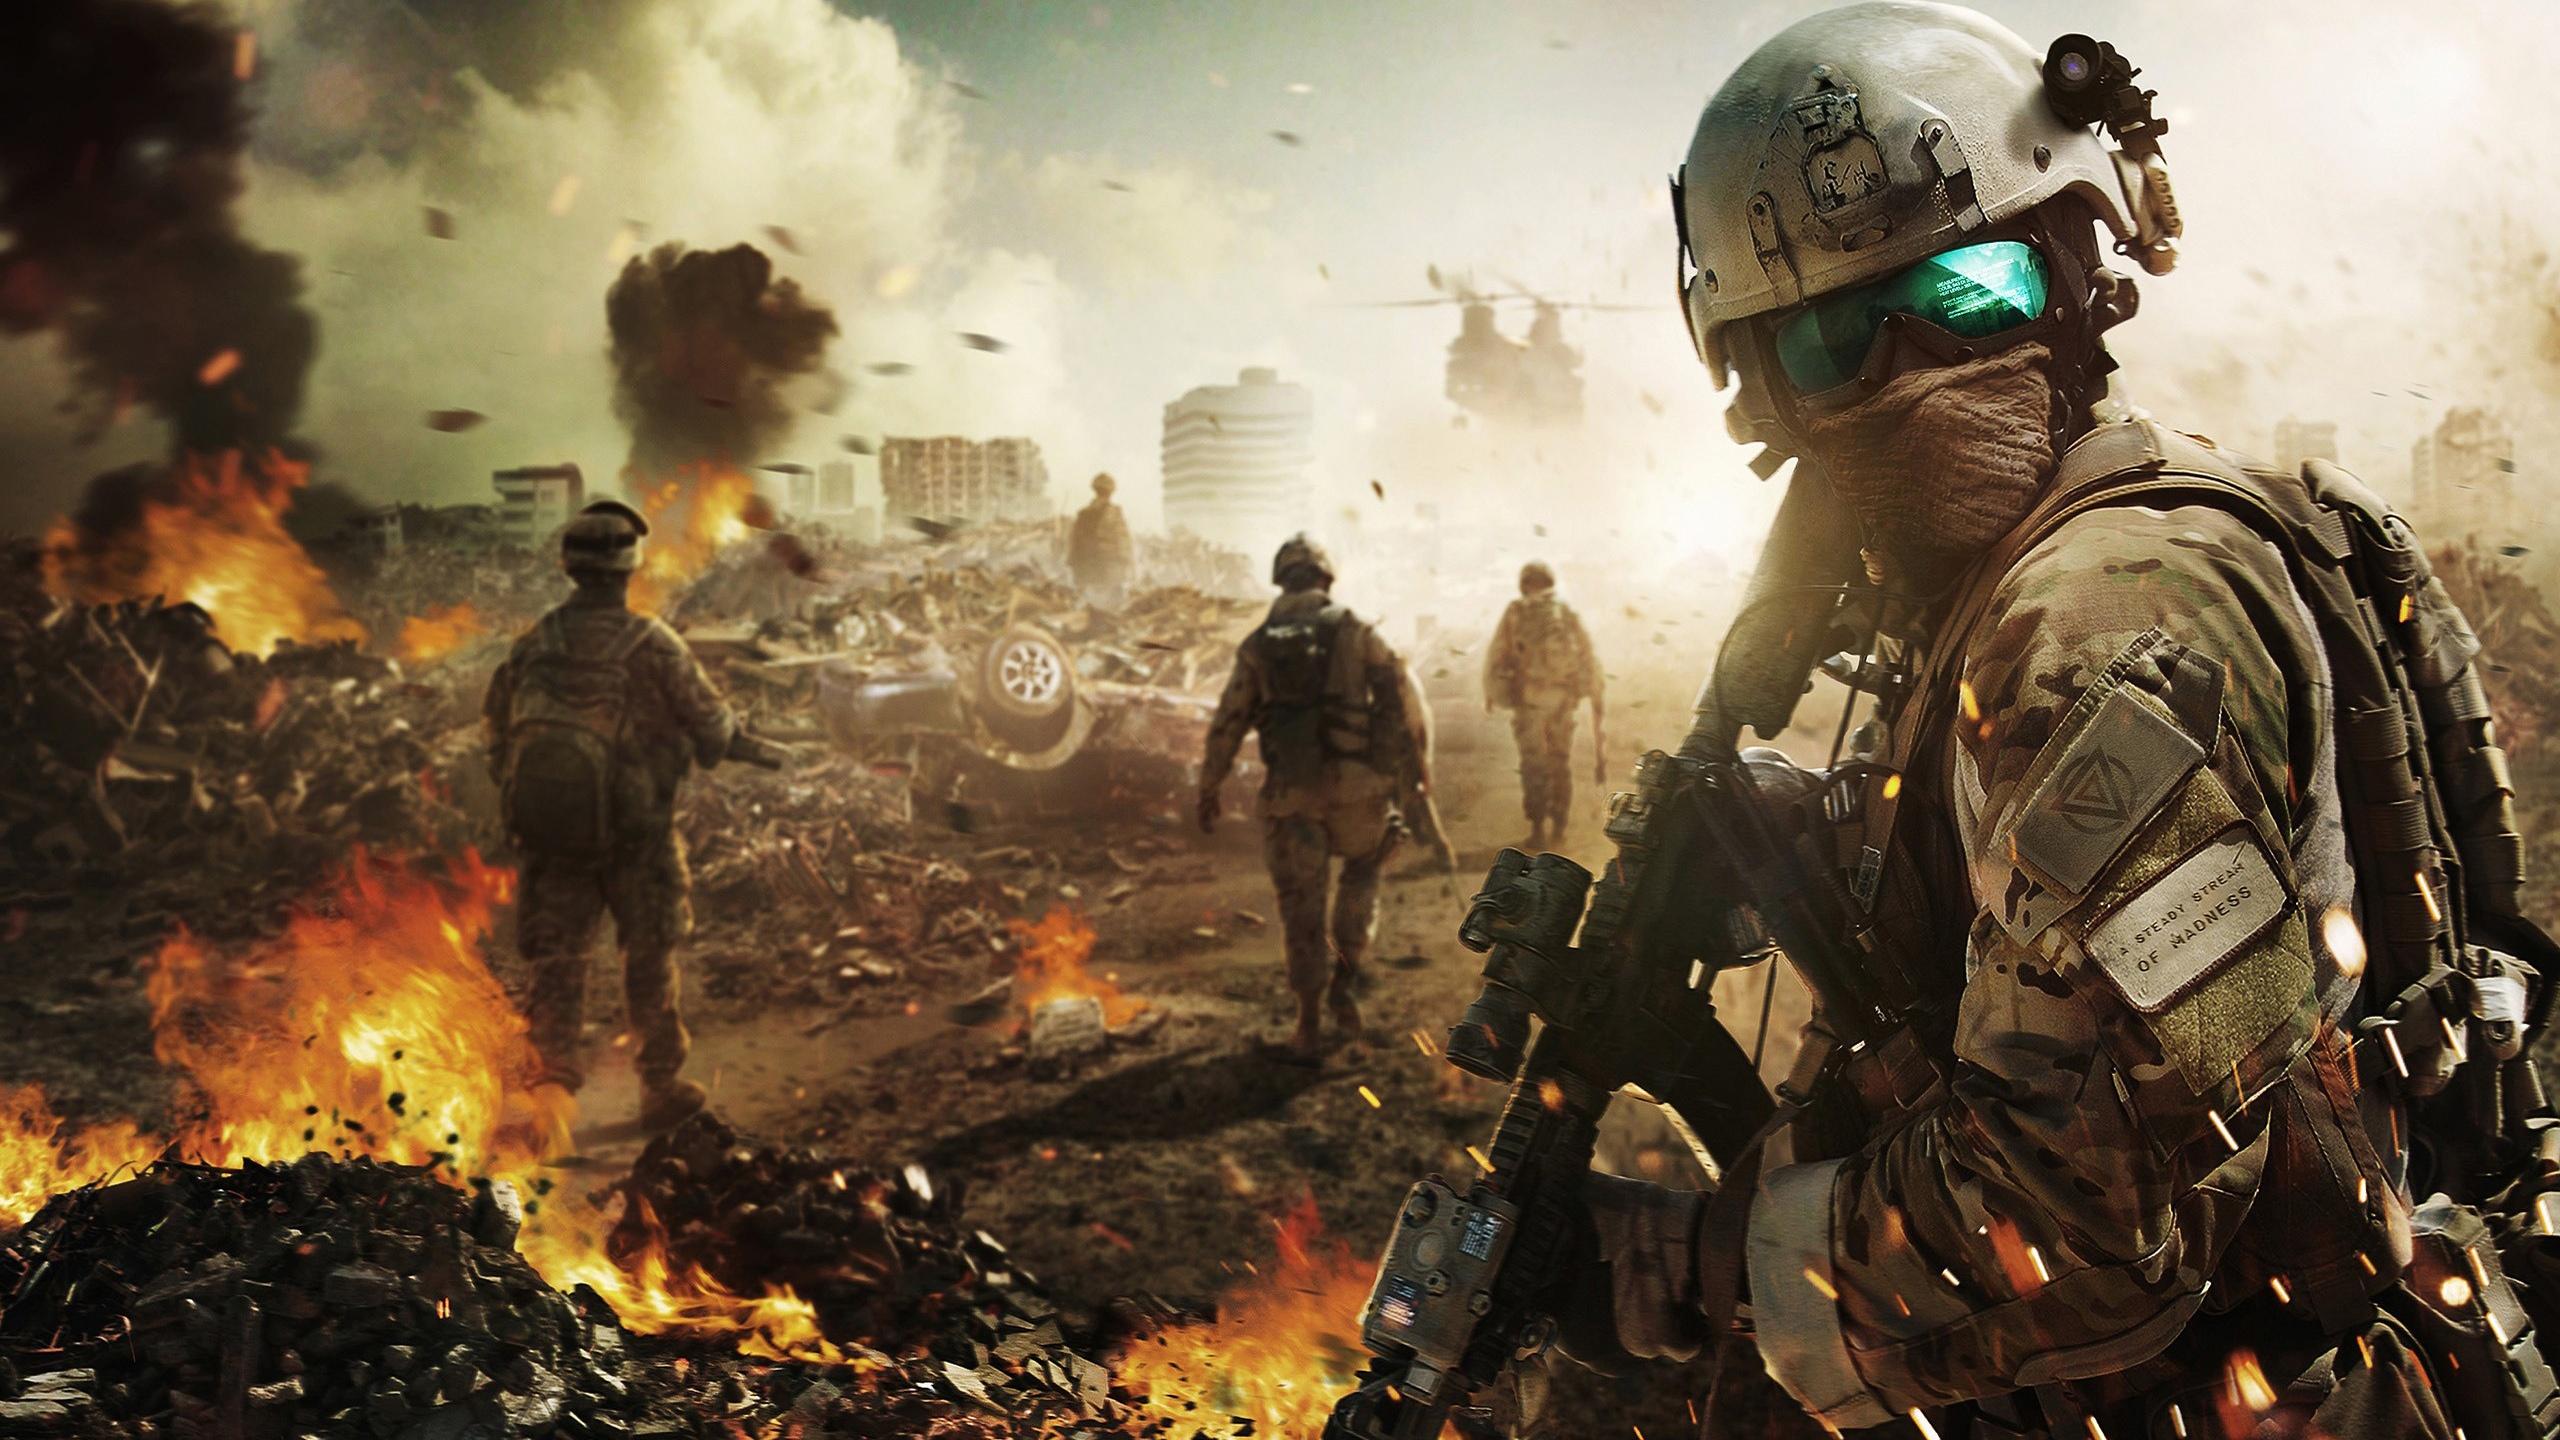 Battlefield 4 Hd Wallpapers Sf Wallpaper